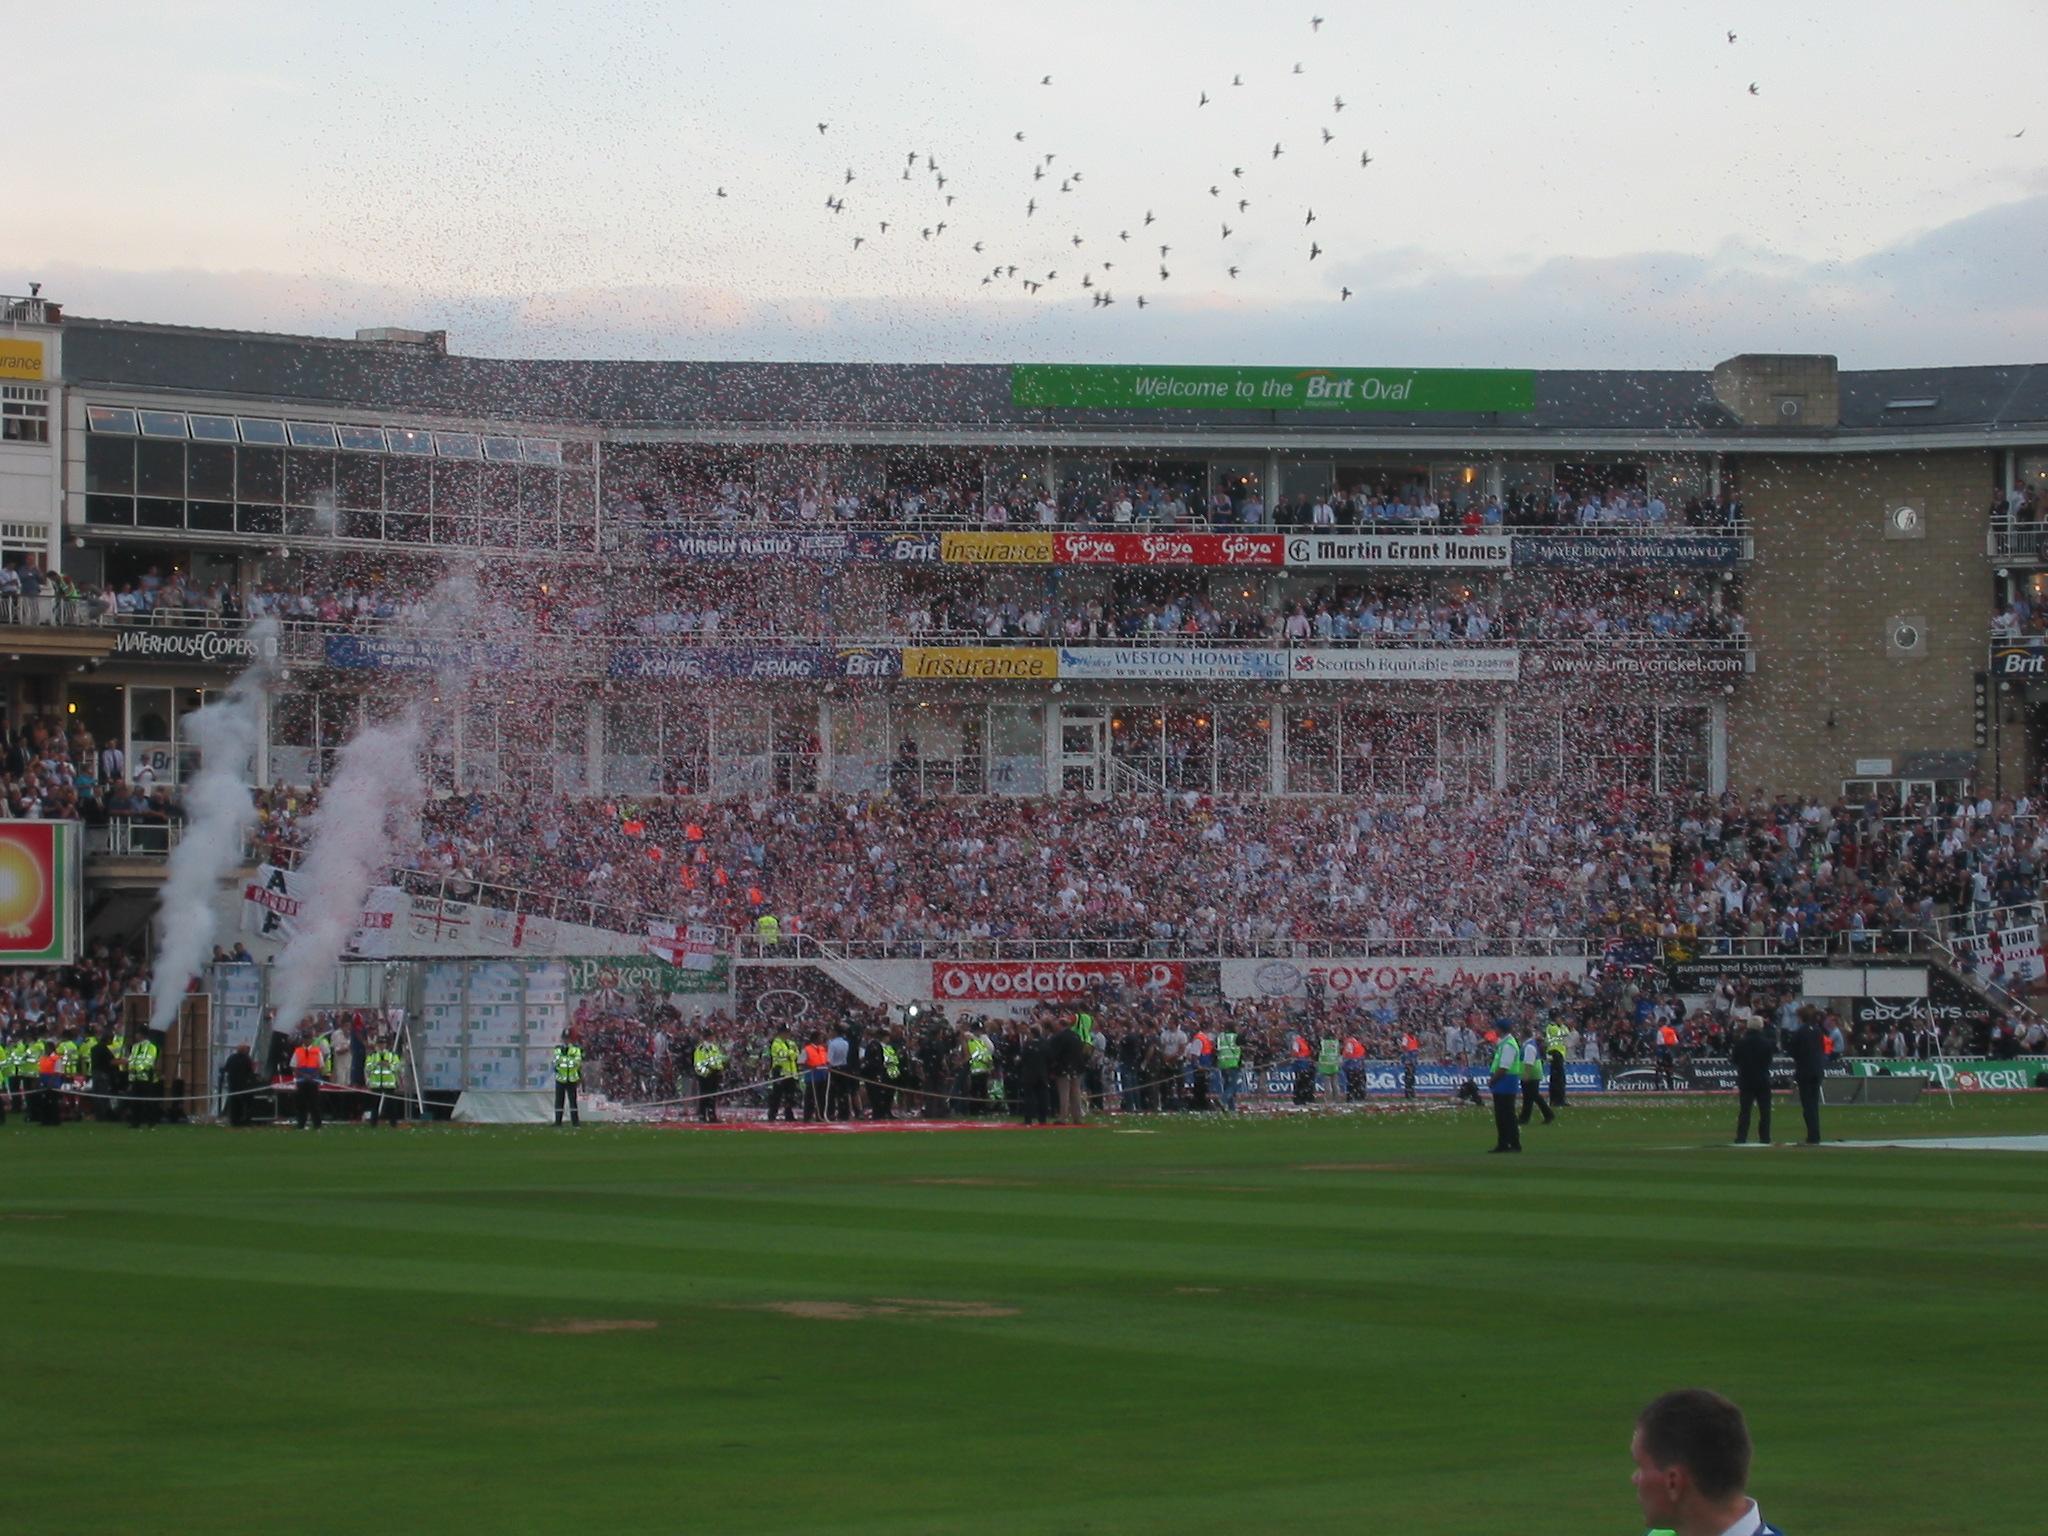 Oval Celebrations